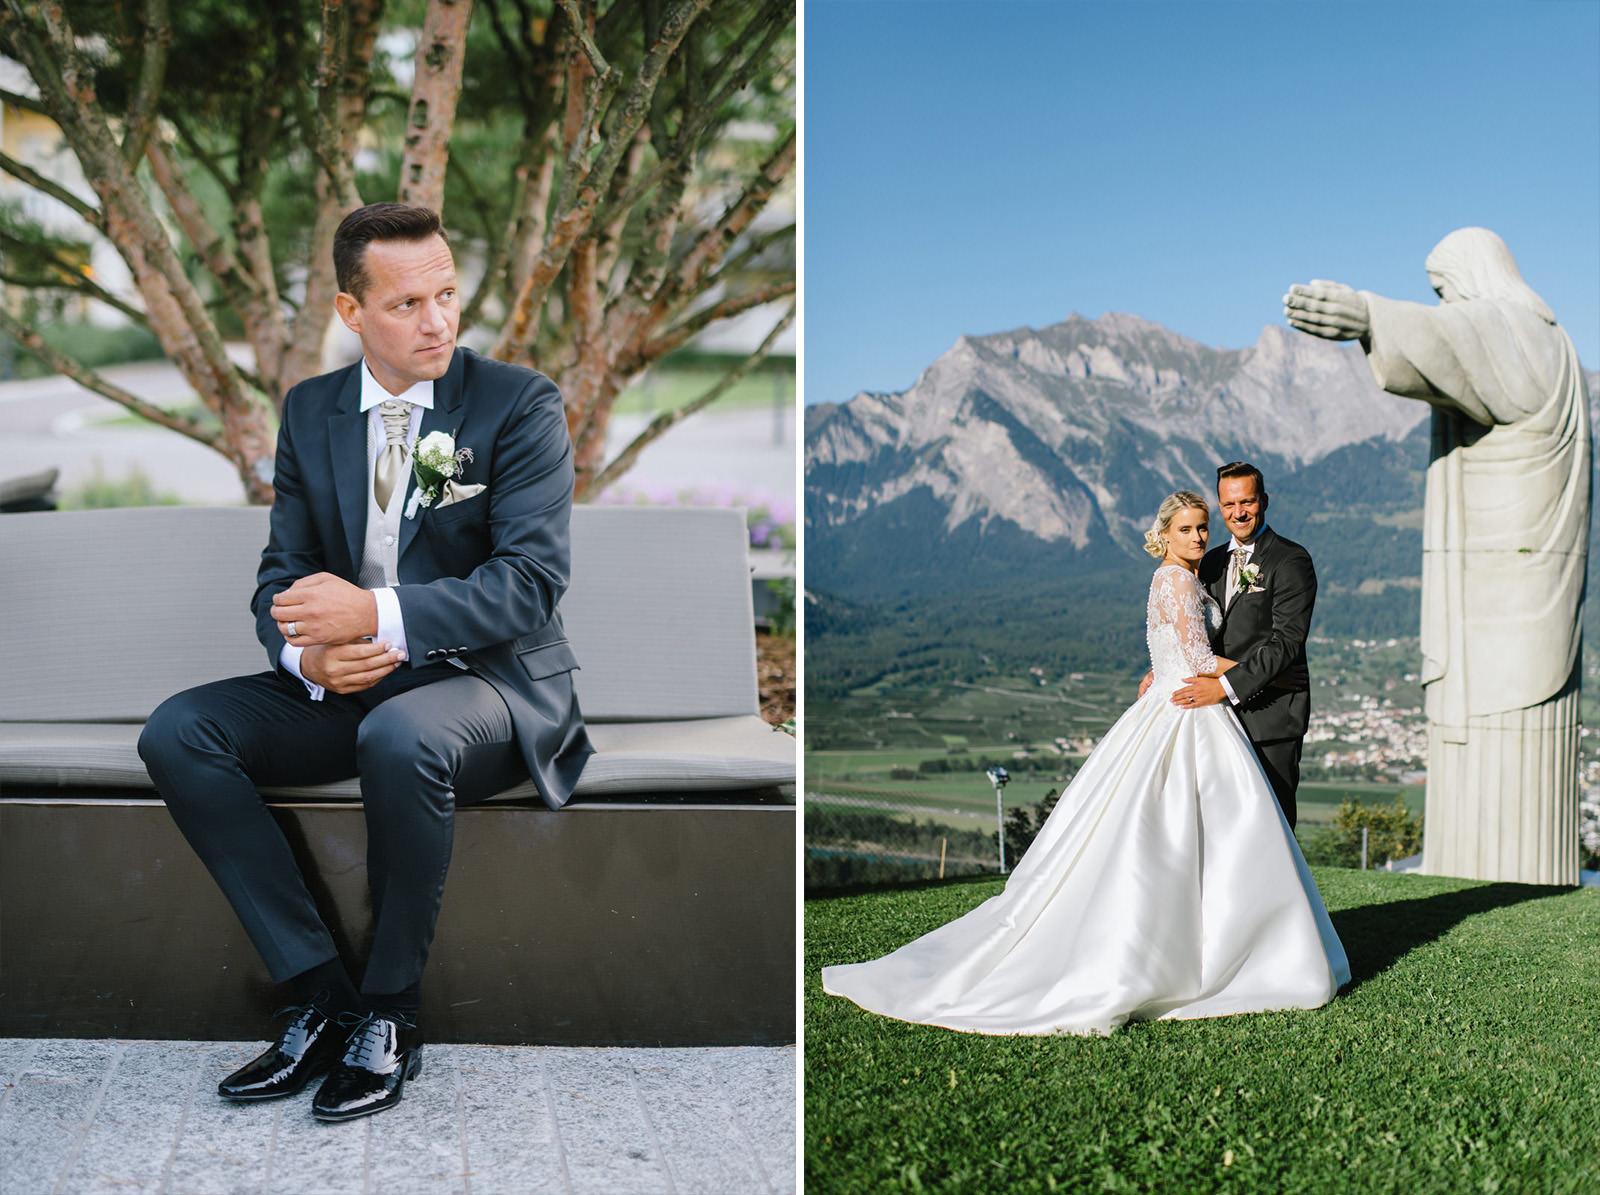 Fotograf Konstanz - Luxus Hochzeit Fotograf Grand Resort Bad Ragaz Schweiz Lichtenstein 133b - Destination wedding at the Grand Resort Bad Ragaz, Swiss  - 187 -